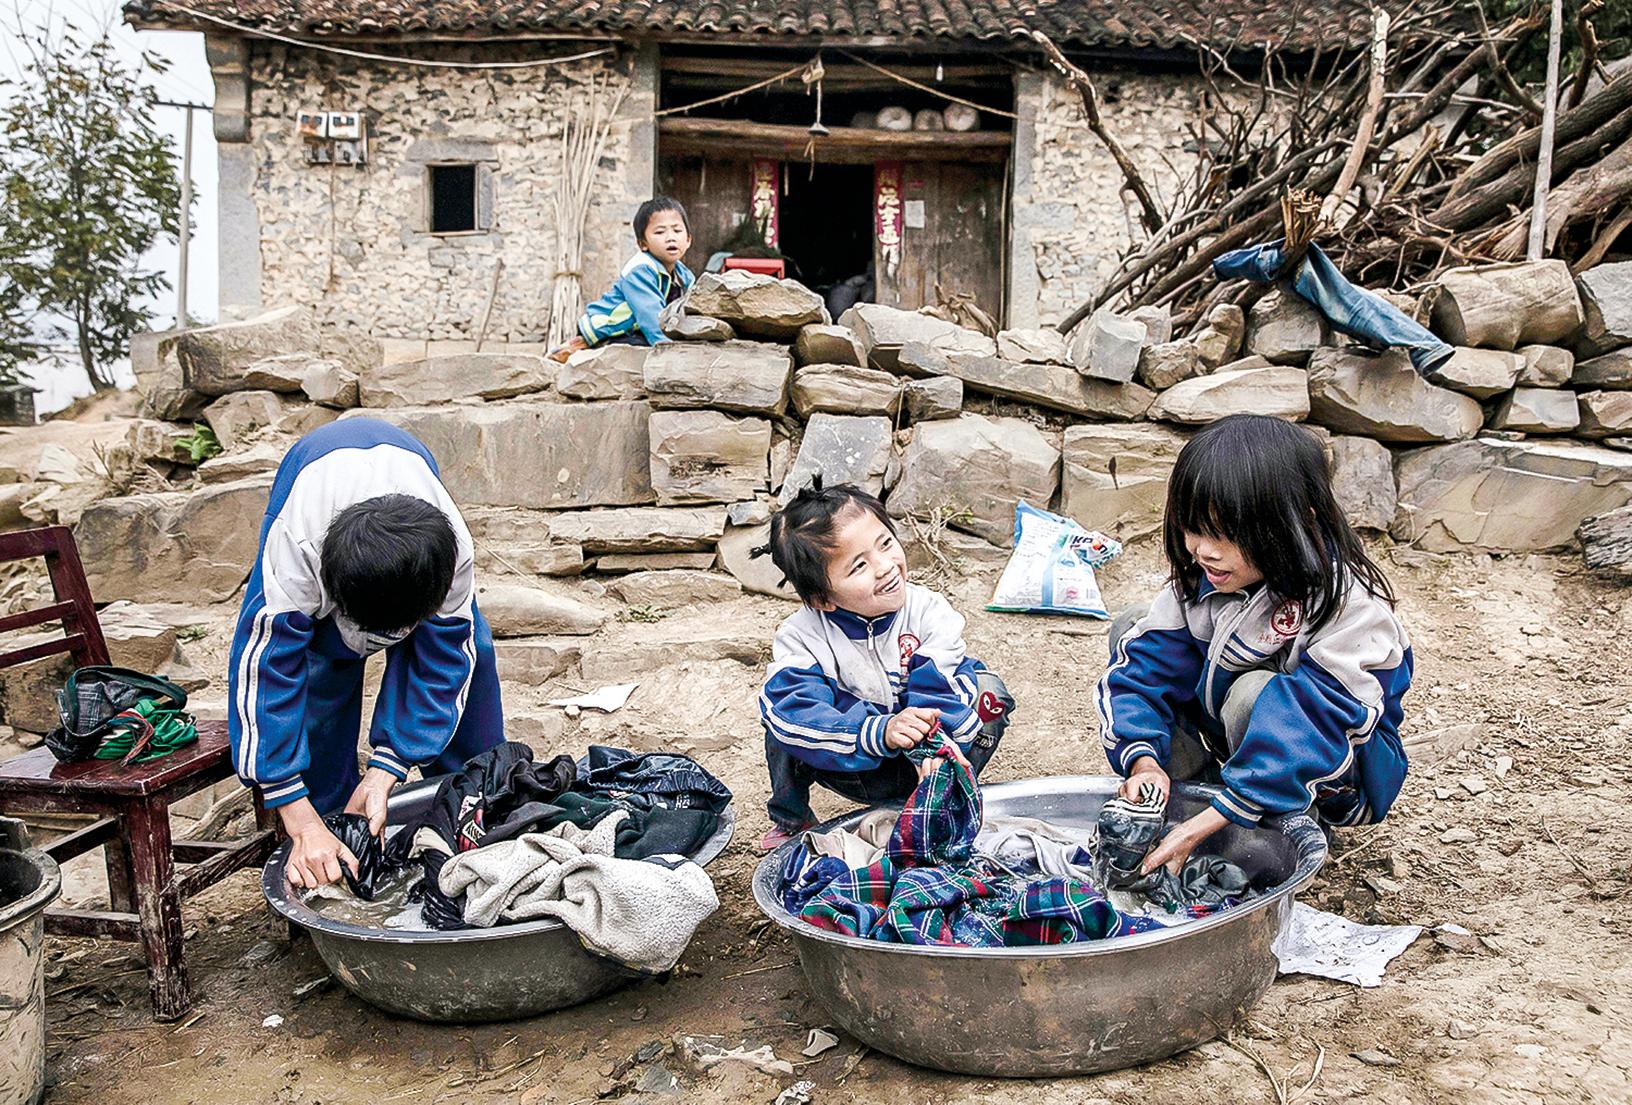 學者認為,僅僅下調最低刑事責任年齡對預防青少年犯罪還遠遠不夠。專家估計,中國留守兒童已達6000多萬人,這是一個很大的社會問題。圖為貴州安順農村一戶四個留守兒童。(Getty Images)